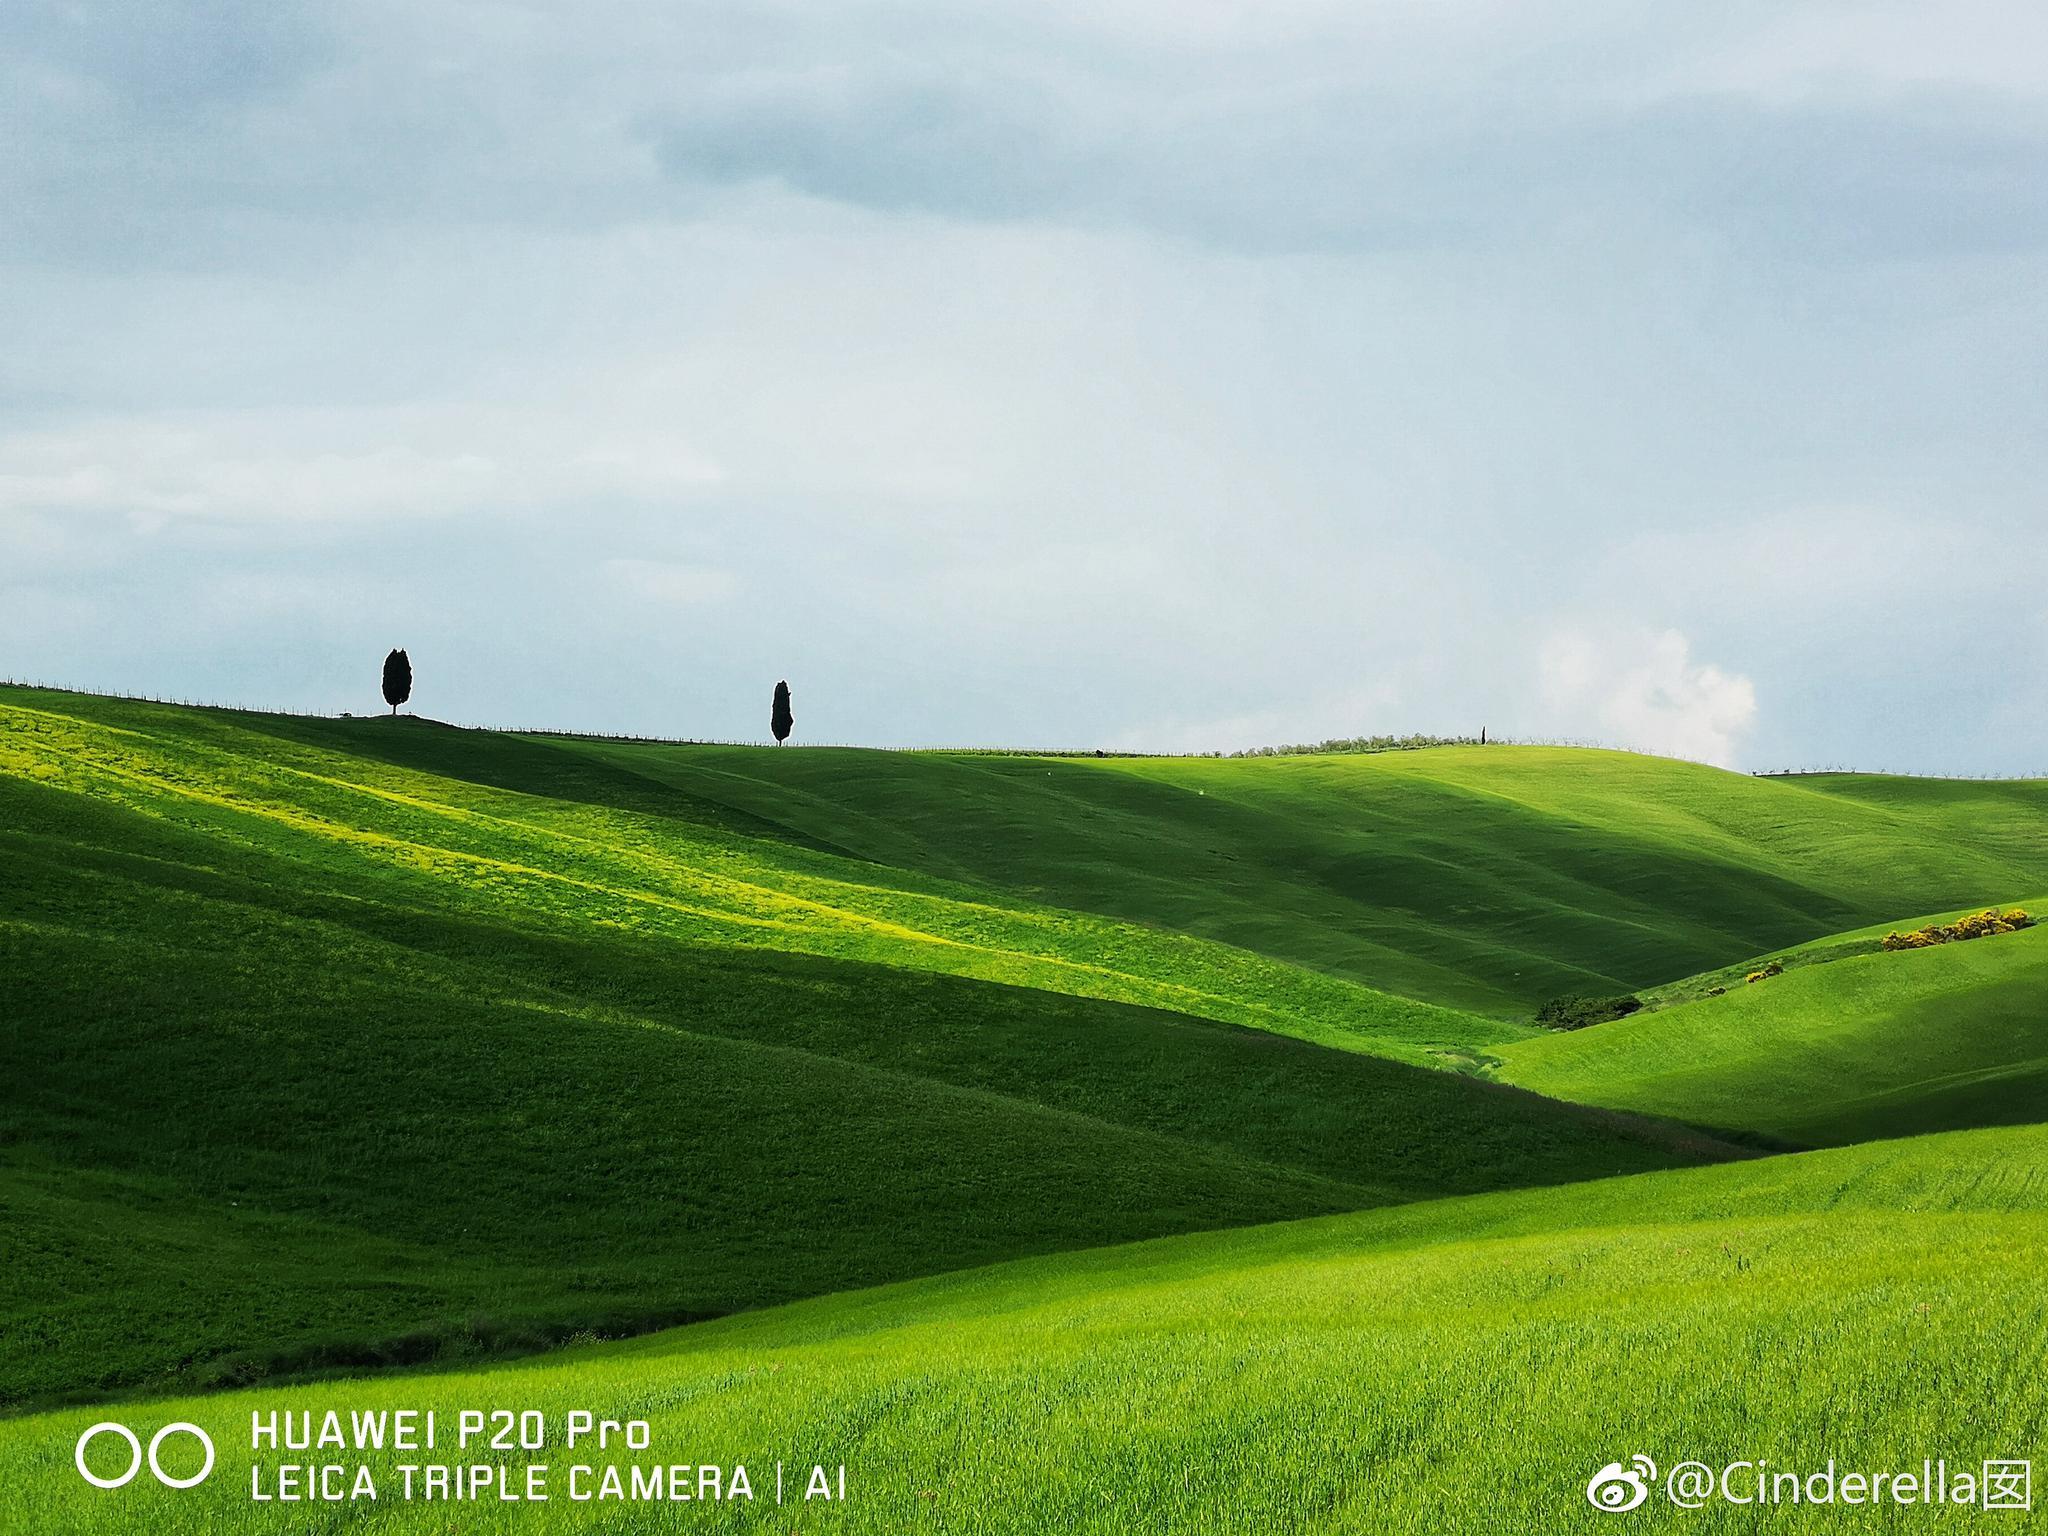 托斯卡纳艳阳下,华为p20pro随手拍,新手菜鸟都能把风景拍成诗图片